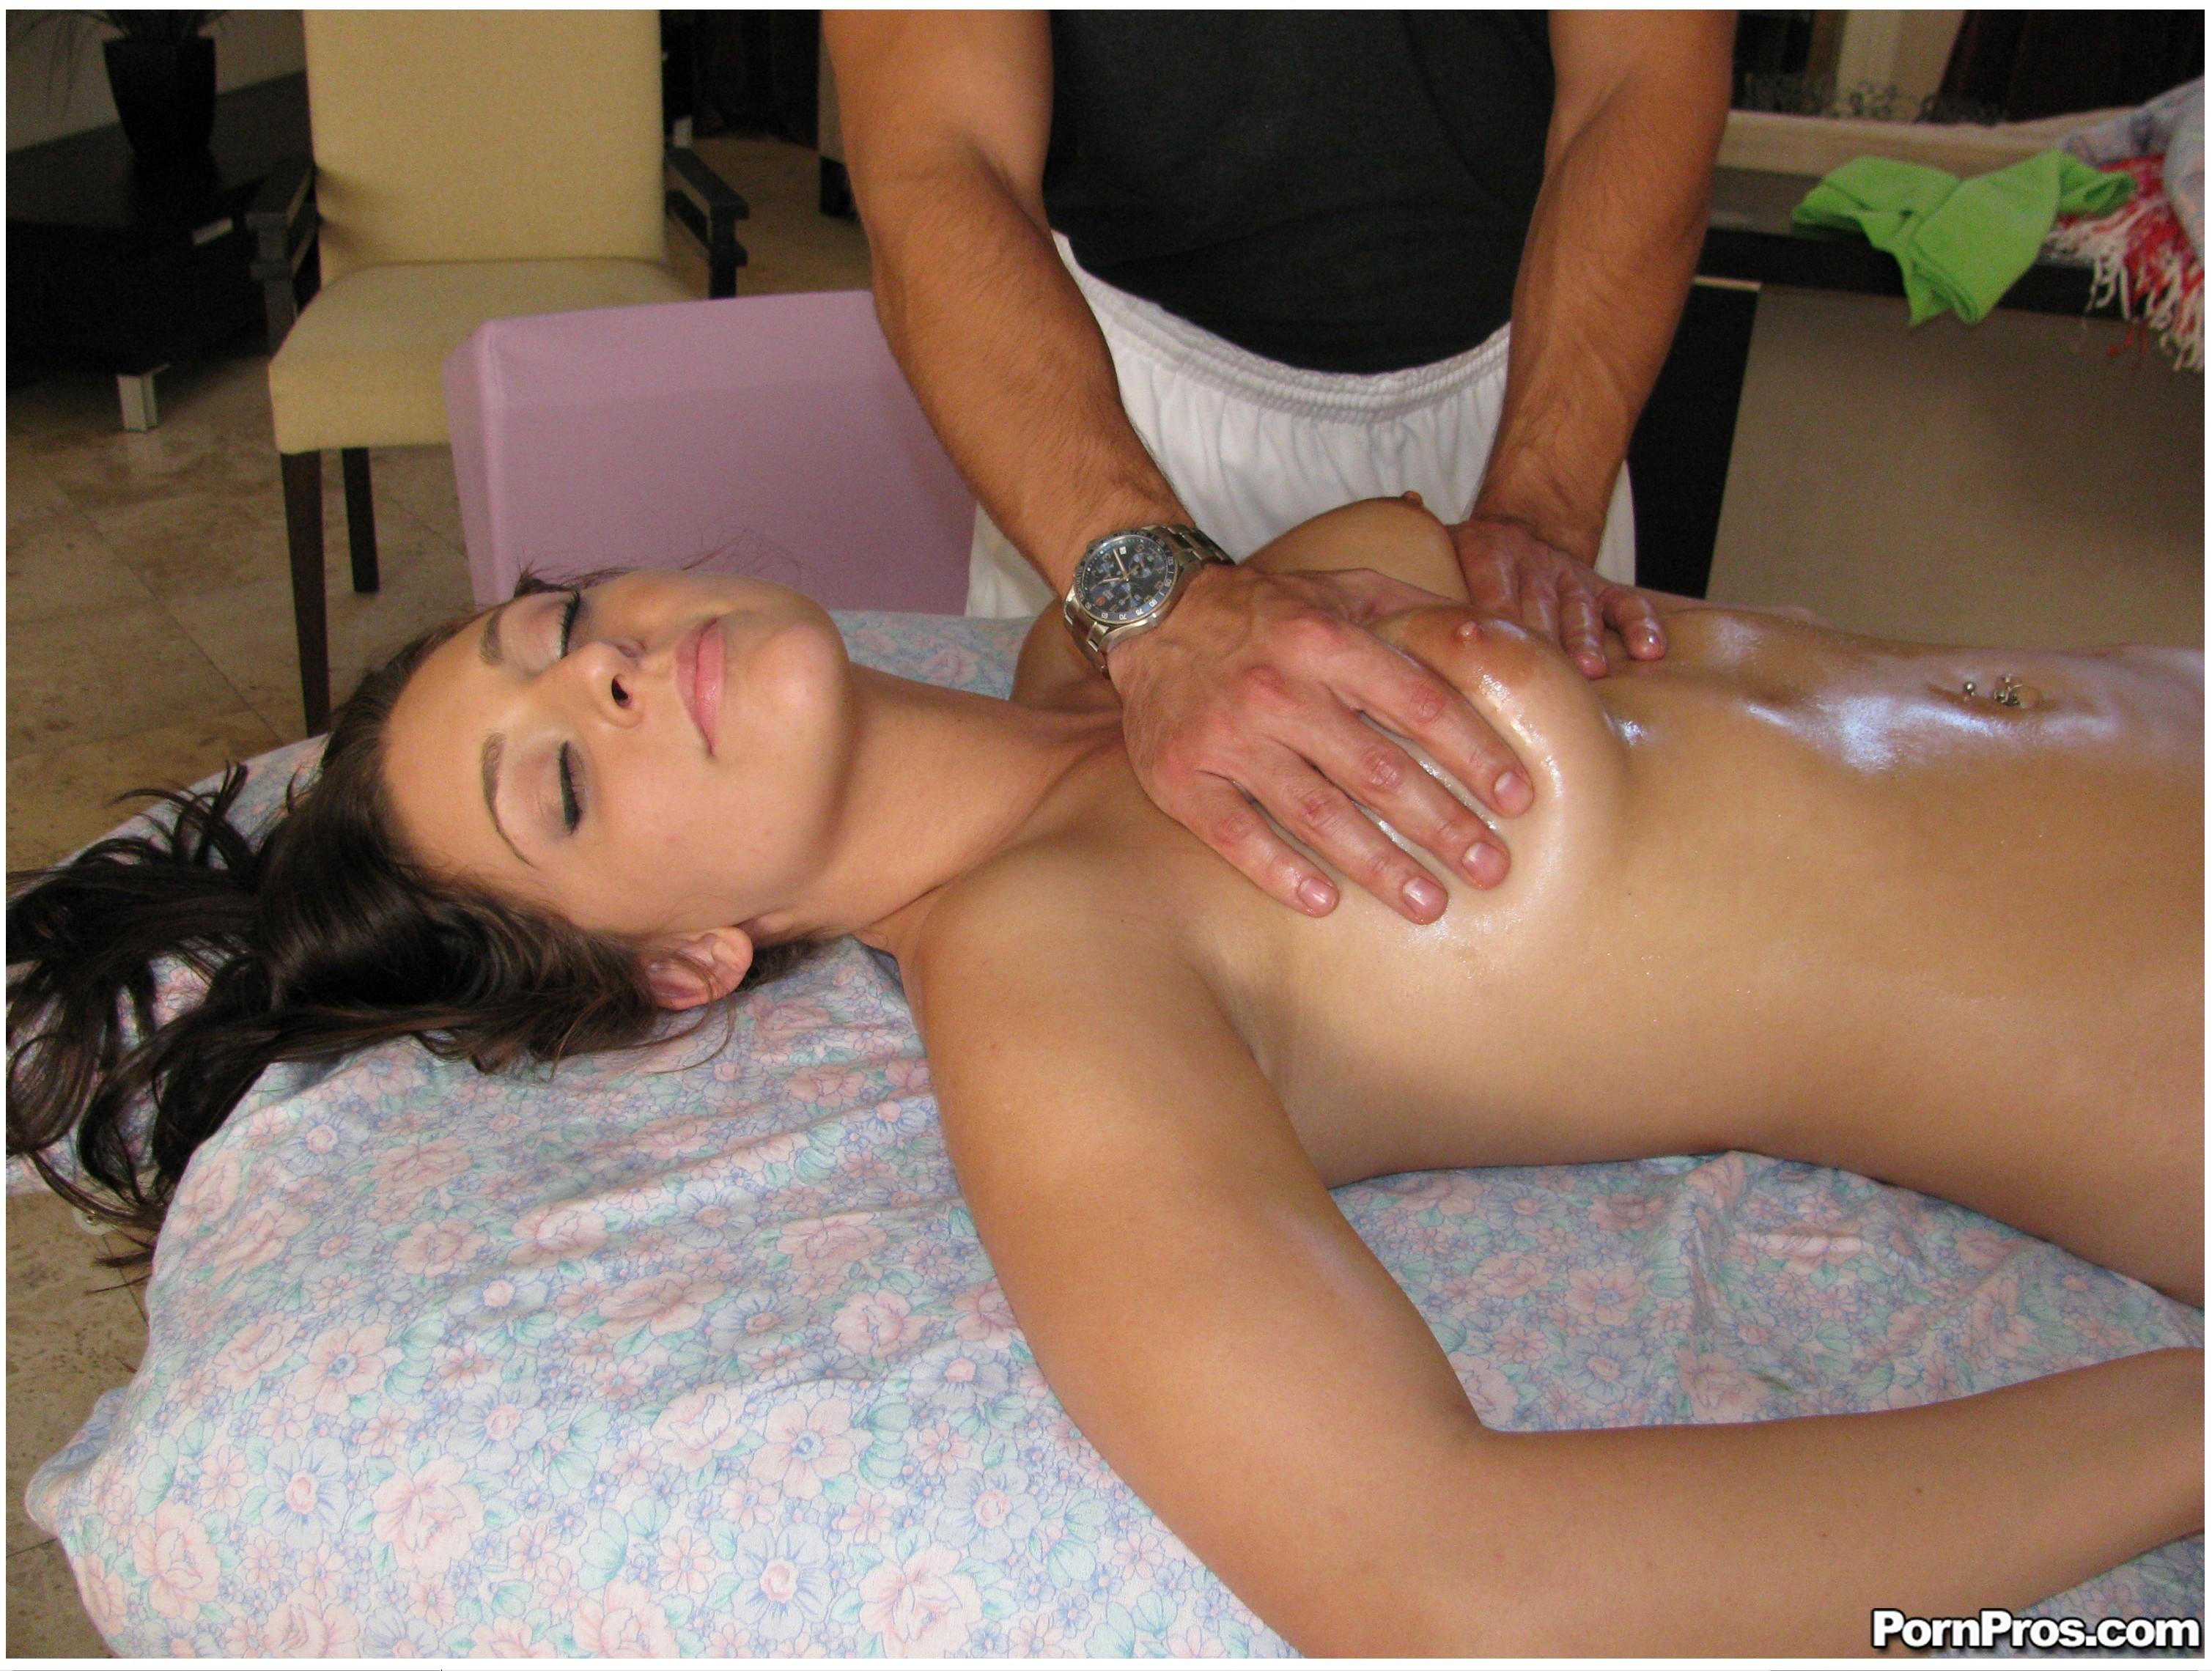 Смотреть порно онлайн интимный массаж 20 фотография